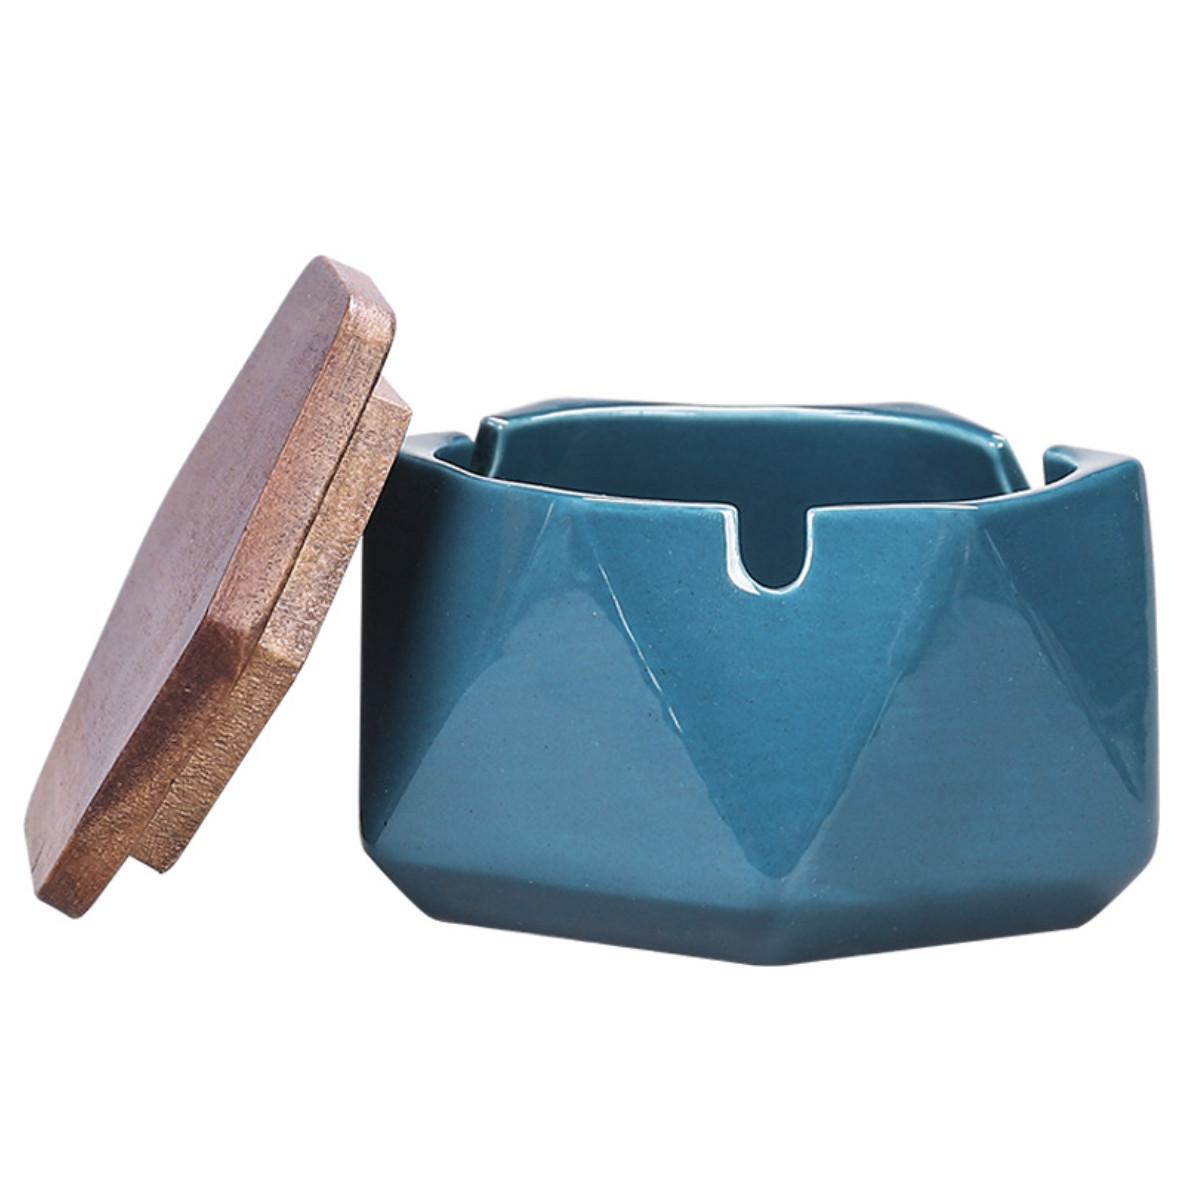 Gạt tàn gốm sứ vân tam giác nổi kèm nắp gỗ